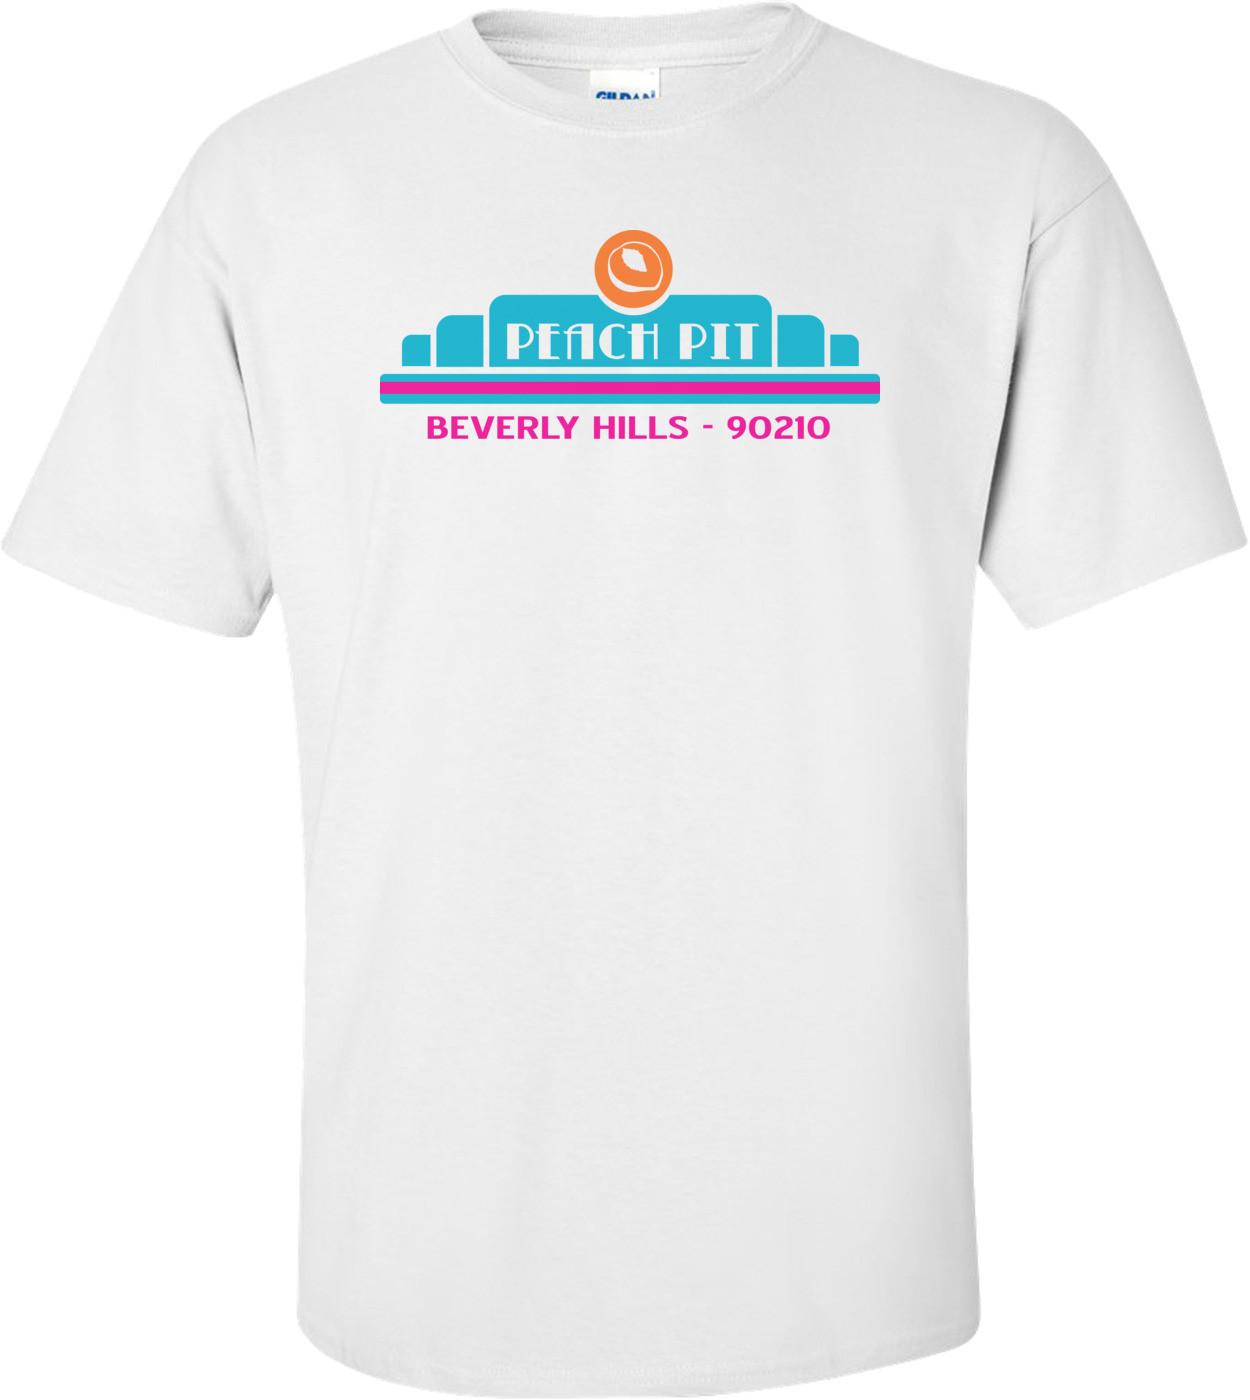 Peach Pit 90210 T-shirt